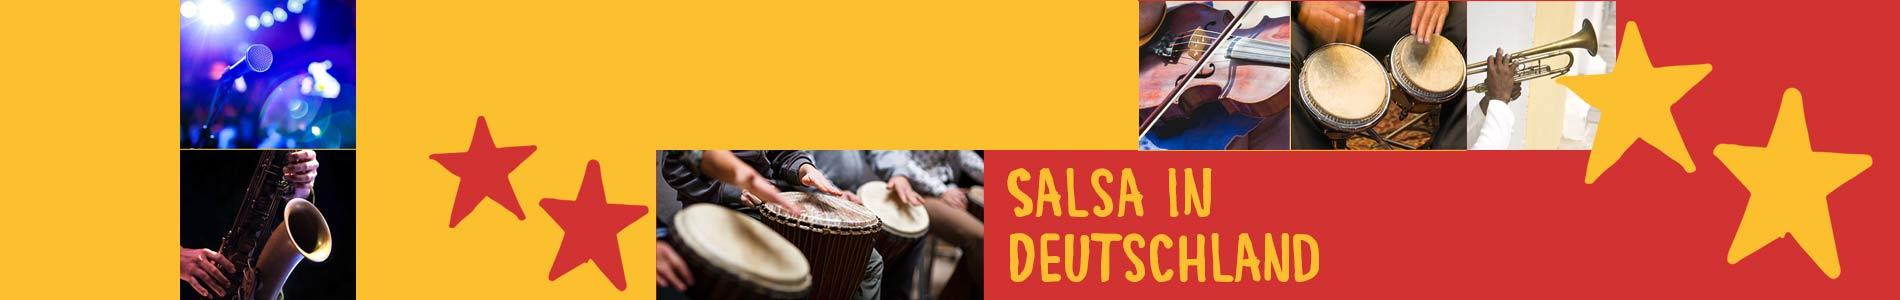 Salsa in Butjadingen – Salsa lernen und tanzen, Tanzkurse, Partys, Veranstaltungen